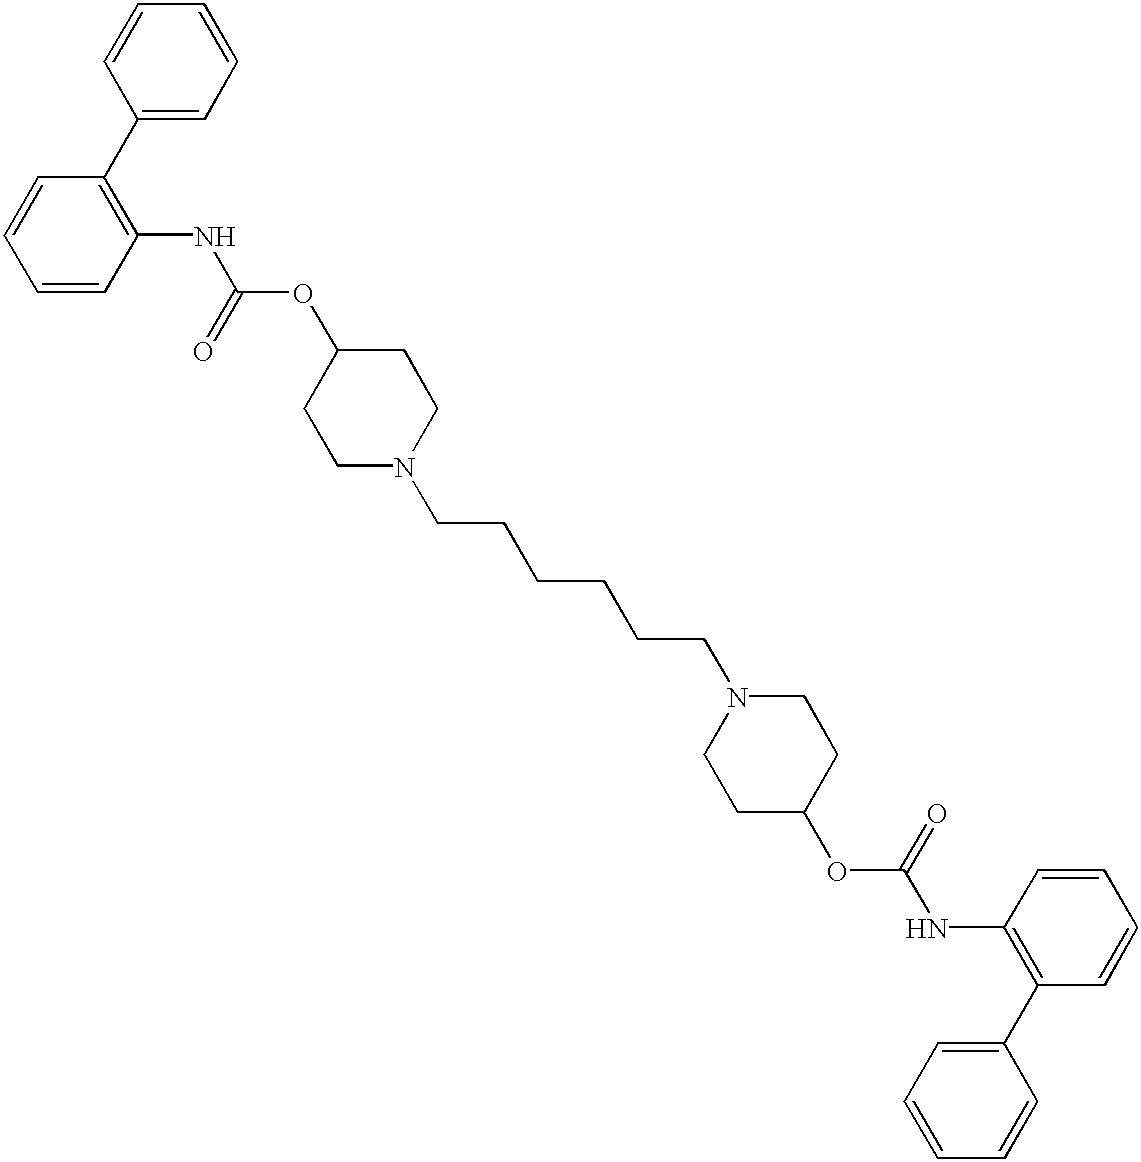 Figure US06693202-20040217-C00553